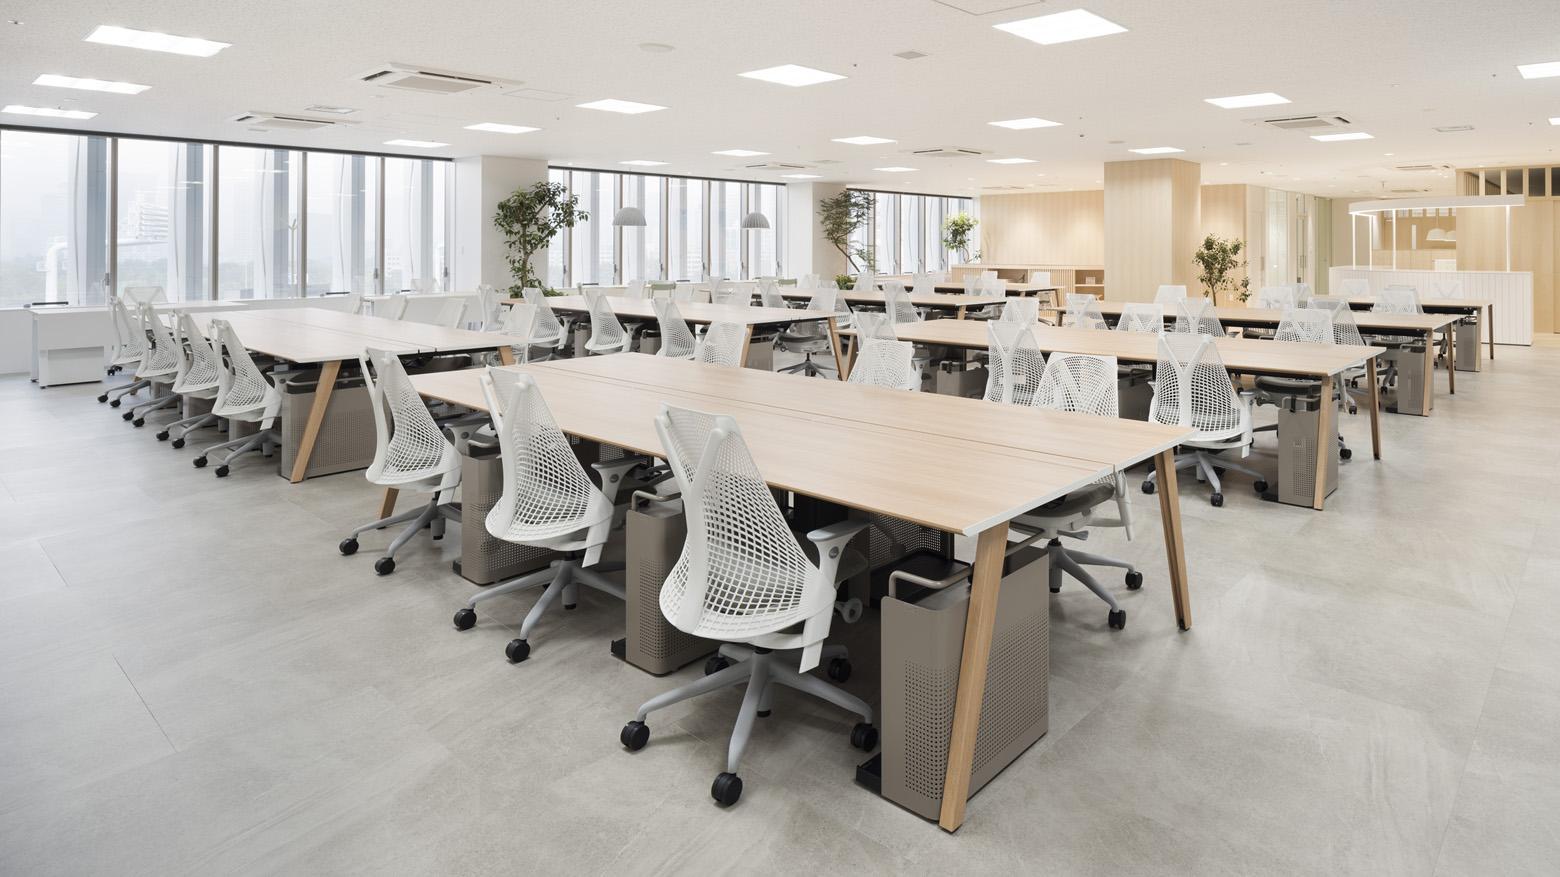 公益財団法人日本陸上競技連盟 Work Space デザイン・レイアウト事例